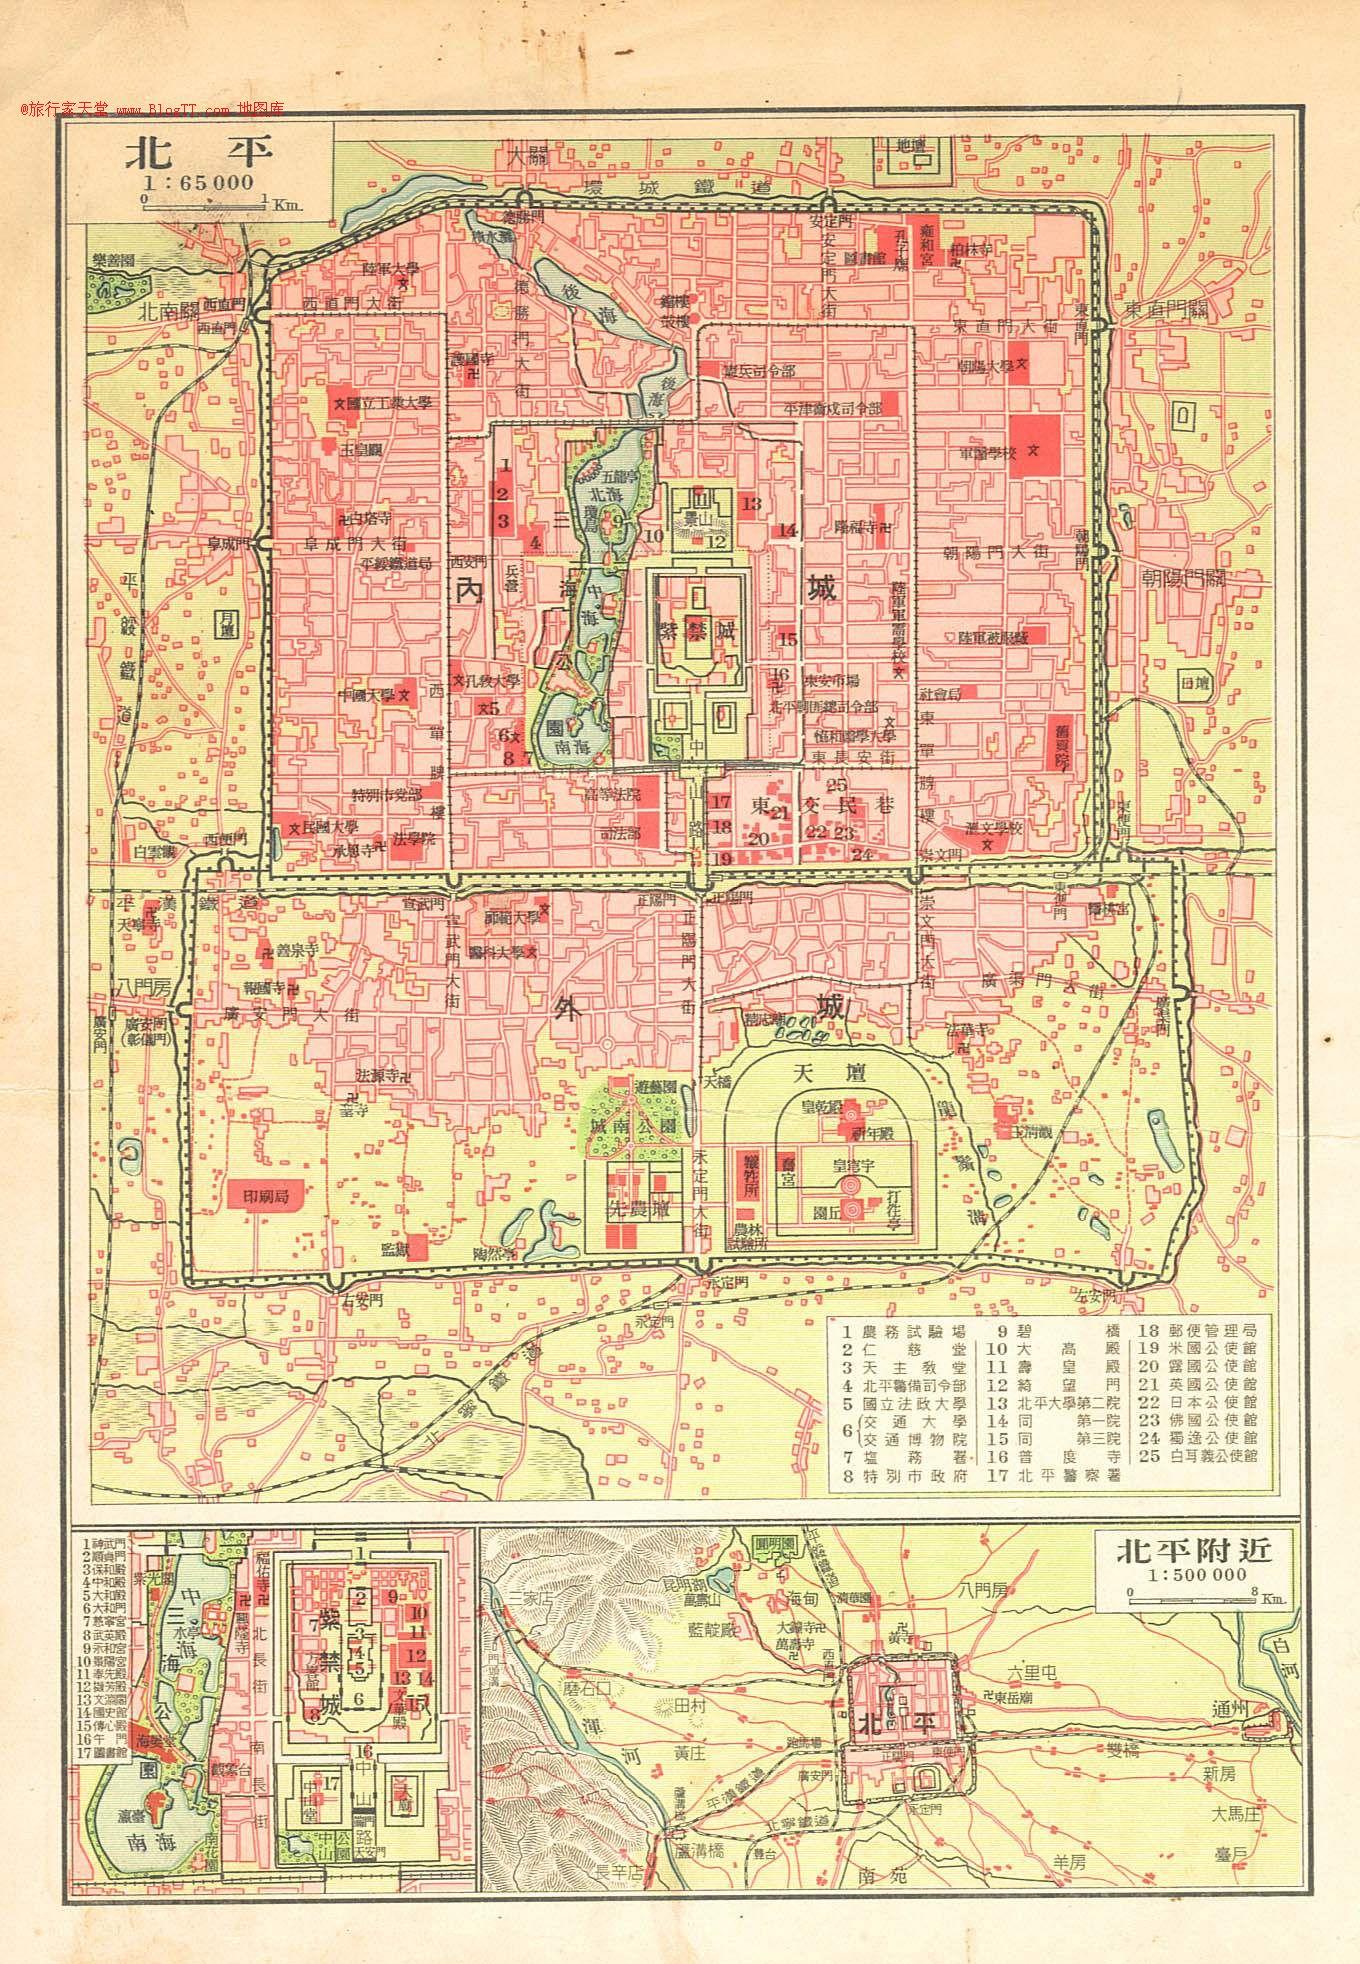 北京在中国地图_北京地图,北平老地图,辖区全图 | 点滴之间 聚沙成金